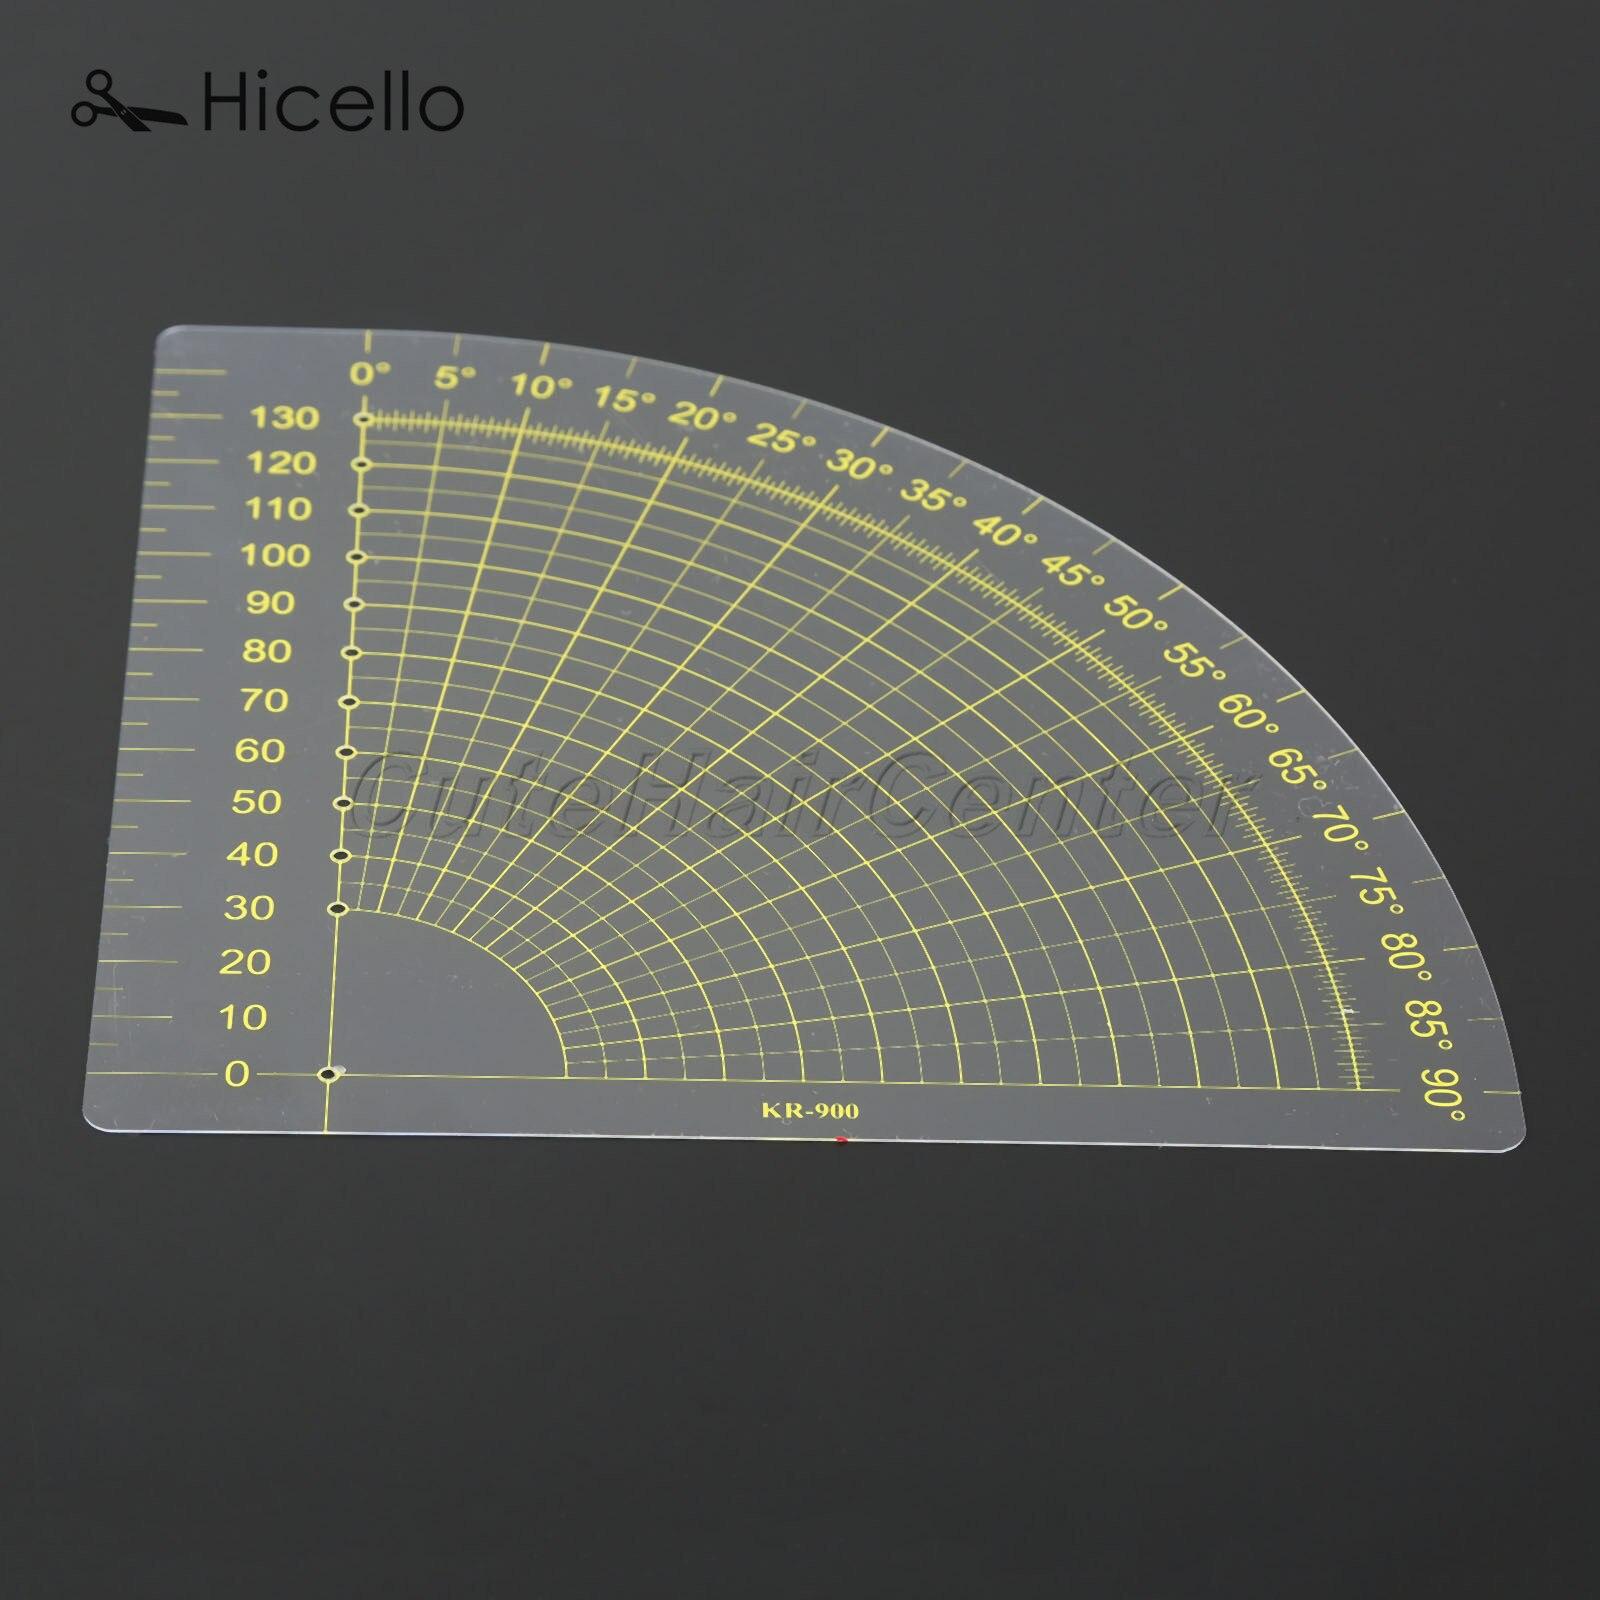 Портной швейная линейка прозрачная пластиковая секционная Лоскутная 18*16 см веерообразная линейка одеяло для ног шва Measue инструмент Hicello